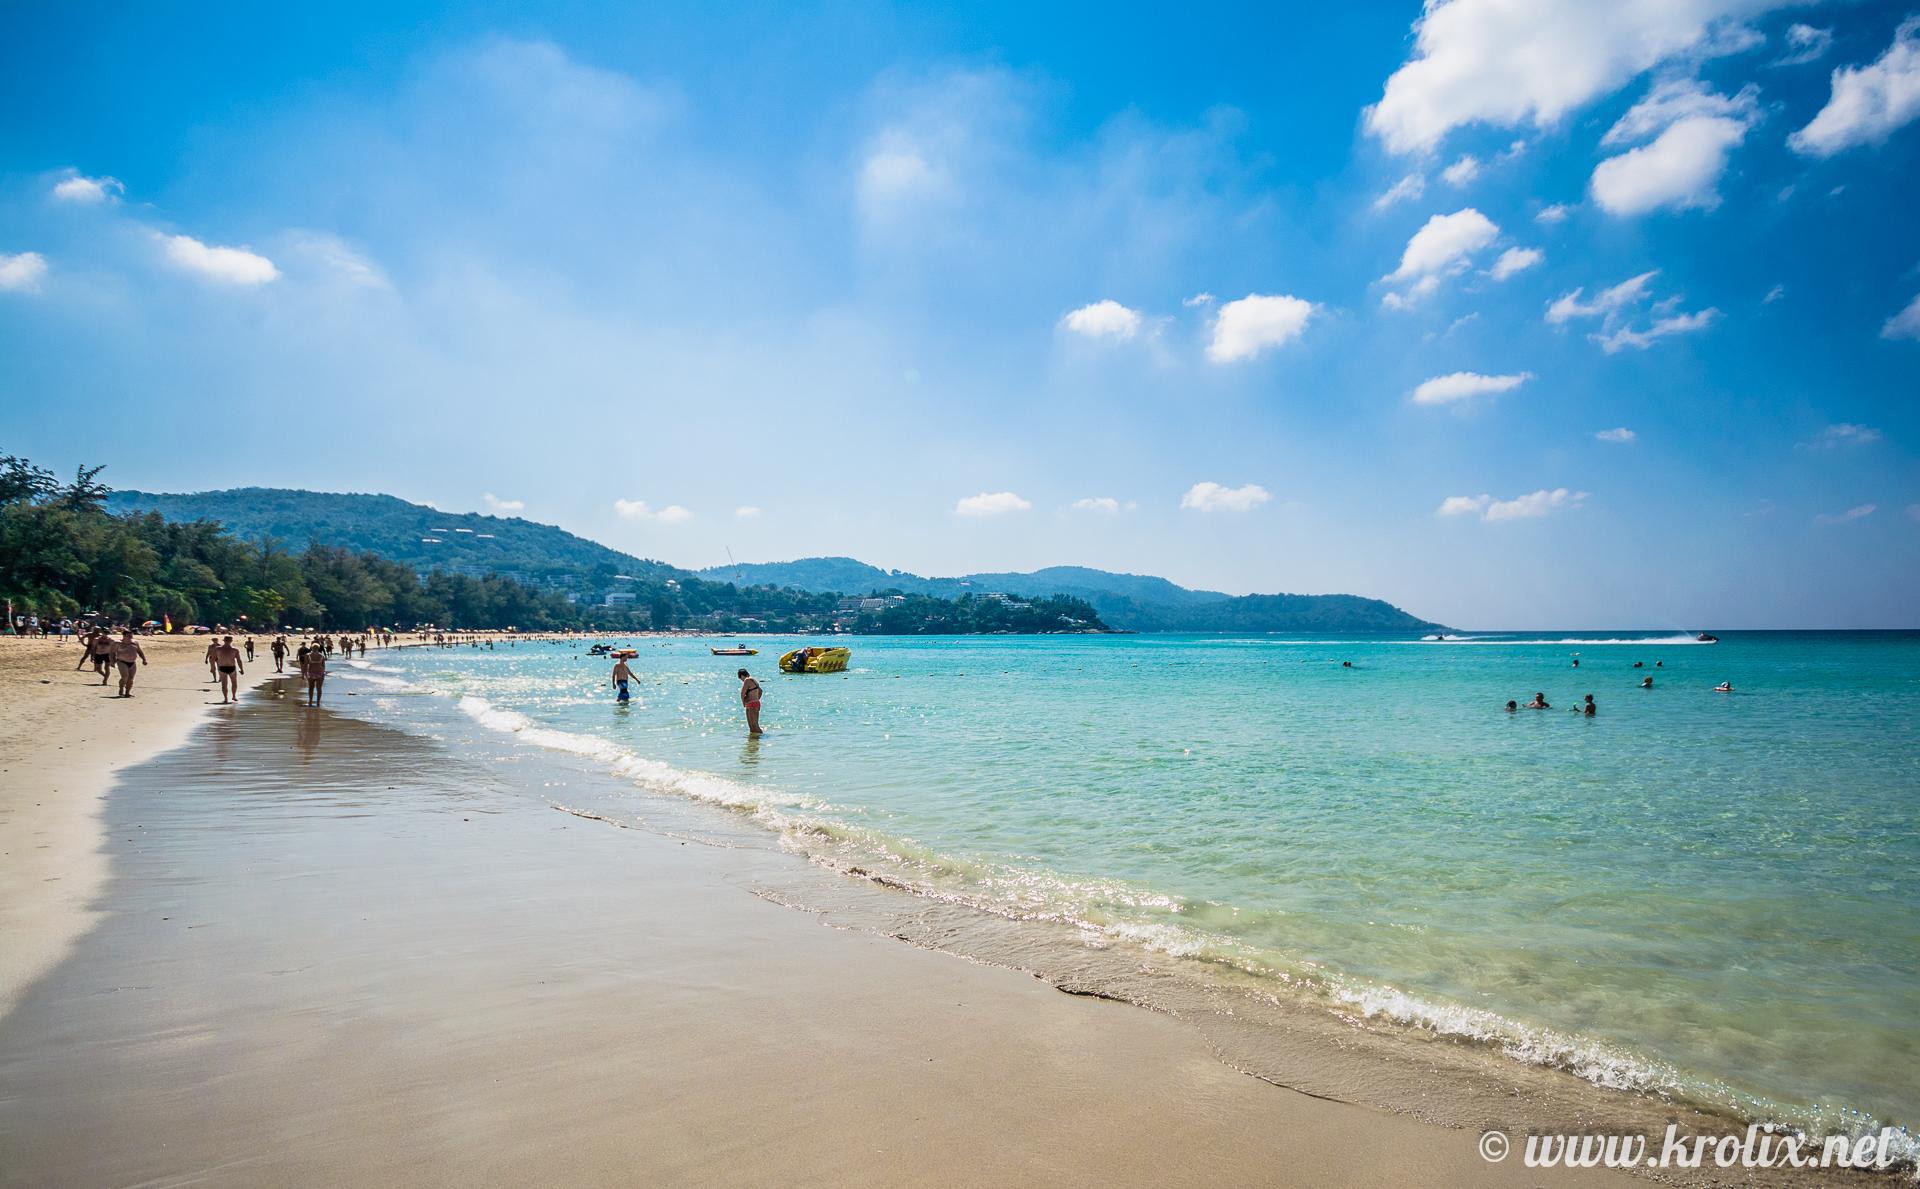 Что касается самого пляжа, то здесь оживлённо, много людей.